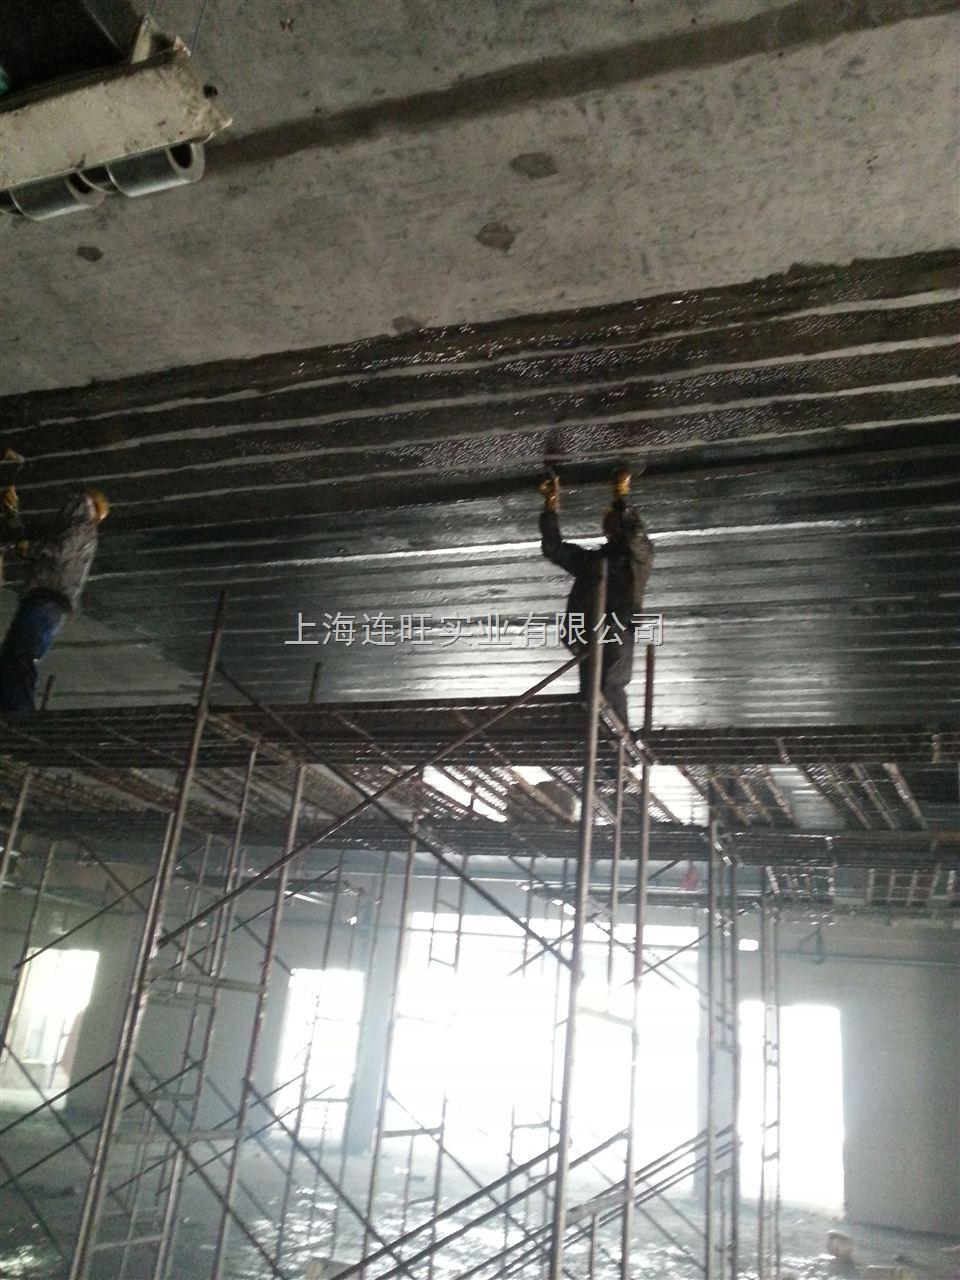 """您只需提供设计图纸,我就能还你美丽梦想 江苏碳纤维加固公司楼板裂缝加固&&梁板粘贴碳纤维布加固上海连旺建筑加固公司承接全国各地各种加固工程,裂缝加固房屋加固桥梁加固,植筋加固粘钢加固,碳纤维加固等加固工程,全国统一价格;公司全体员工精诚团结,以""""尊重规范,超越平凡""""为宗旨,为客户提供高质量的设计、施工一体化服务。 基本业务: 1、承接以下工程: 建筑结构加固补强:植筋加固、粘钢加固、碳纤维加固、芳纶布加固、隧道钢环加固、植筋锚固、粘钢板、粘贴碳纤维布、修补裂缝、防水"""